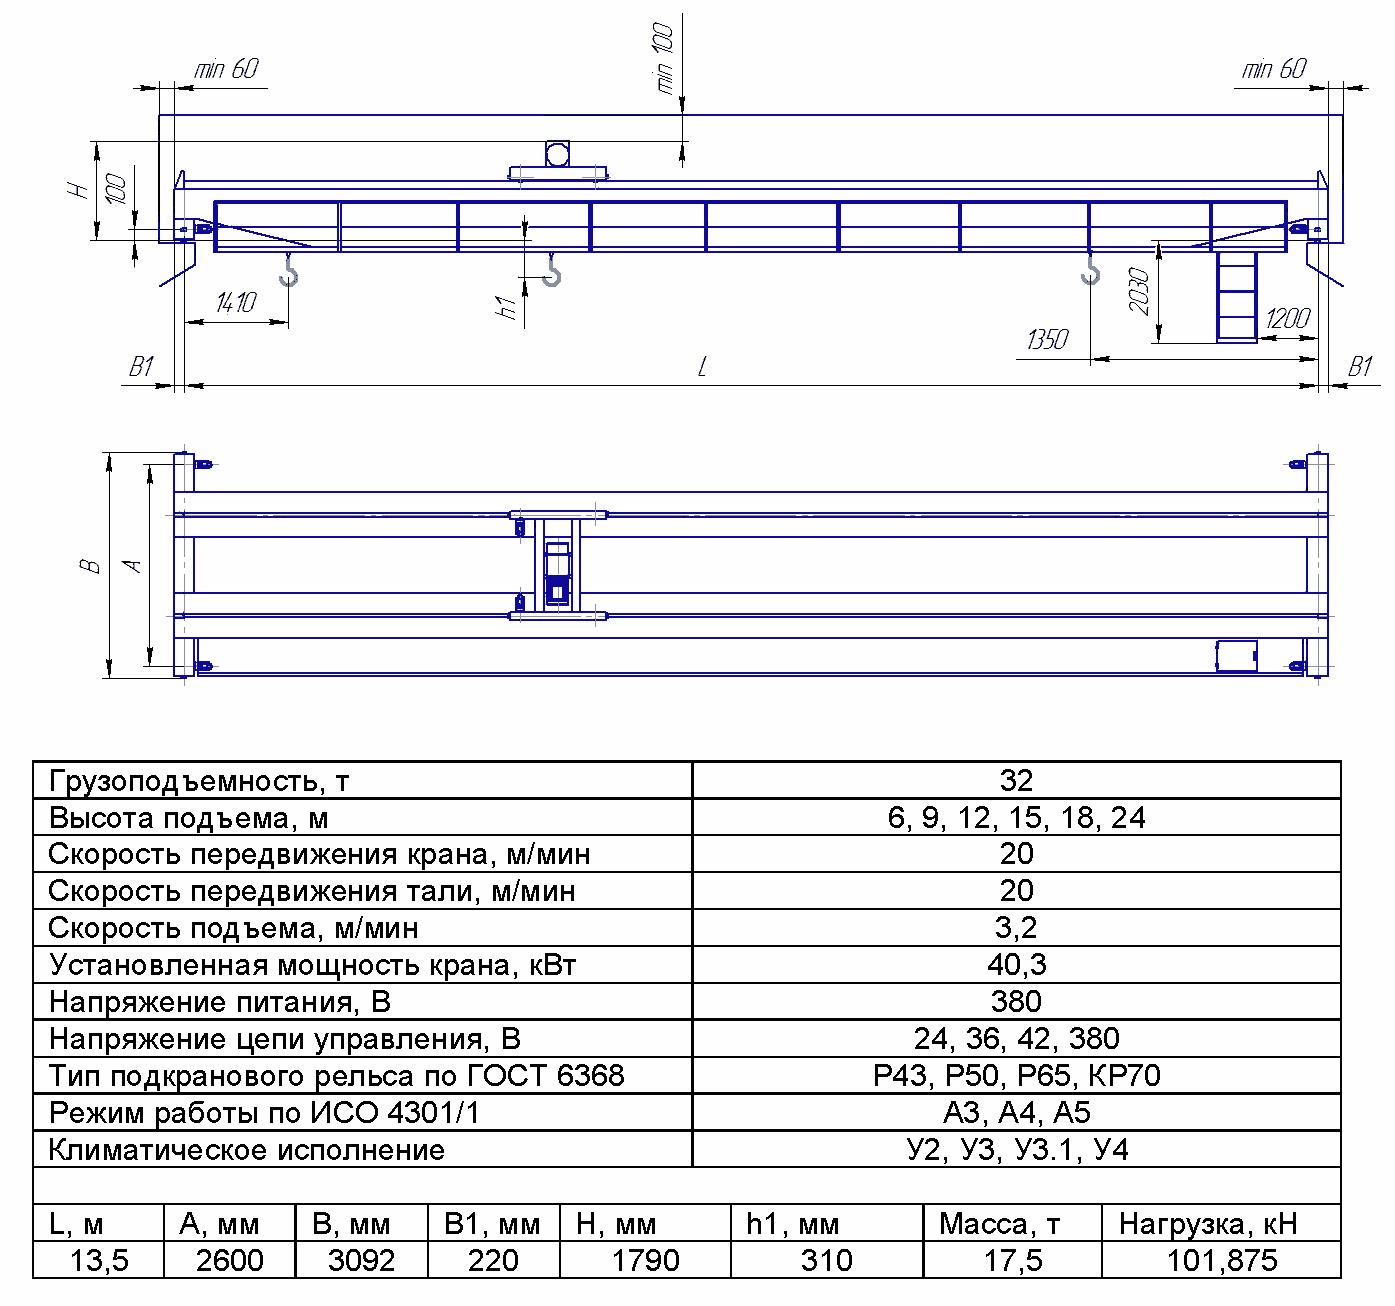 KMON 7 2 - Опорный мостовой кран общего назначения